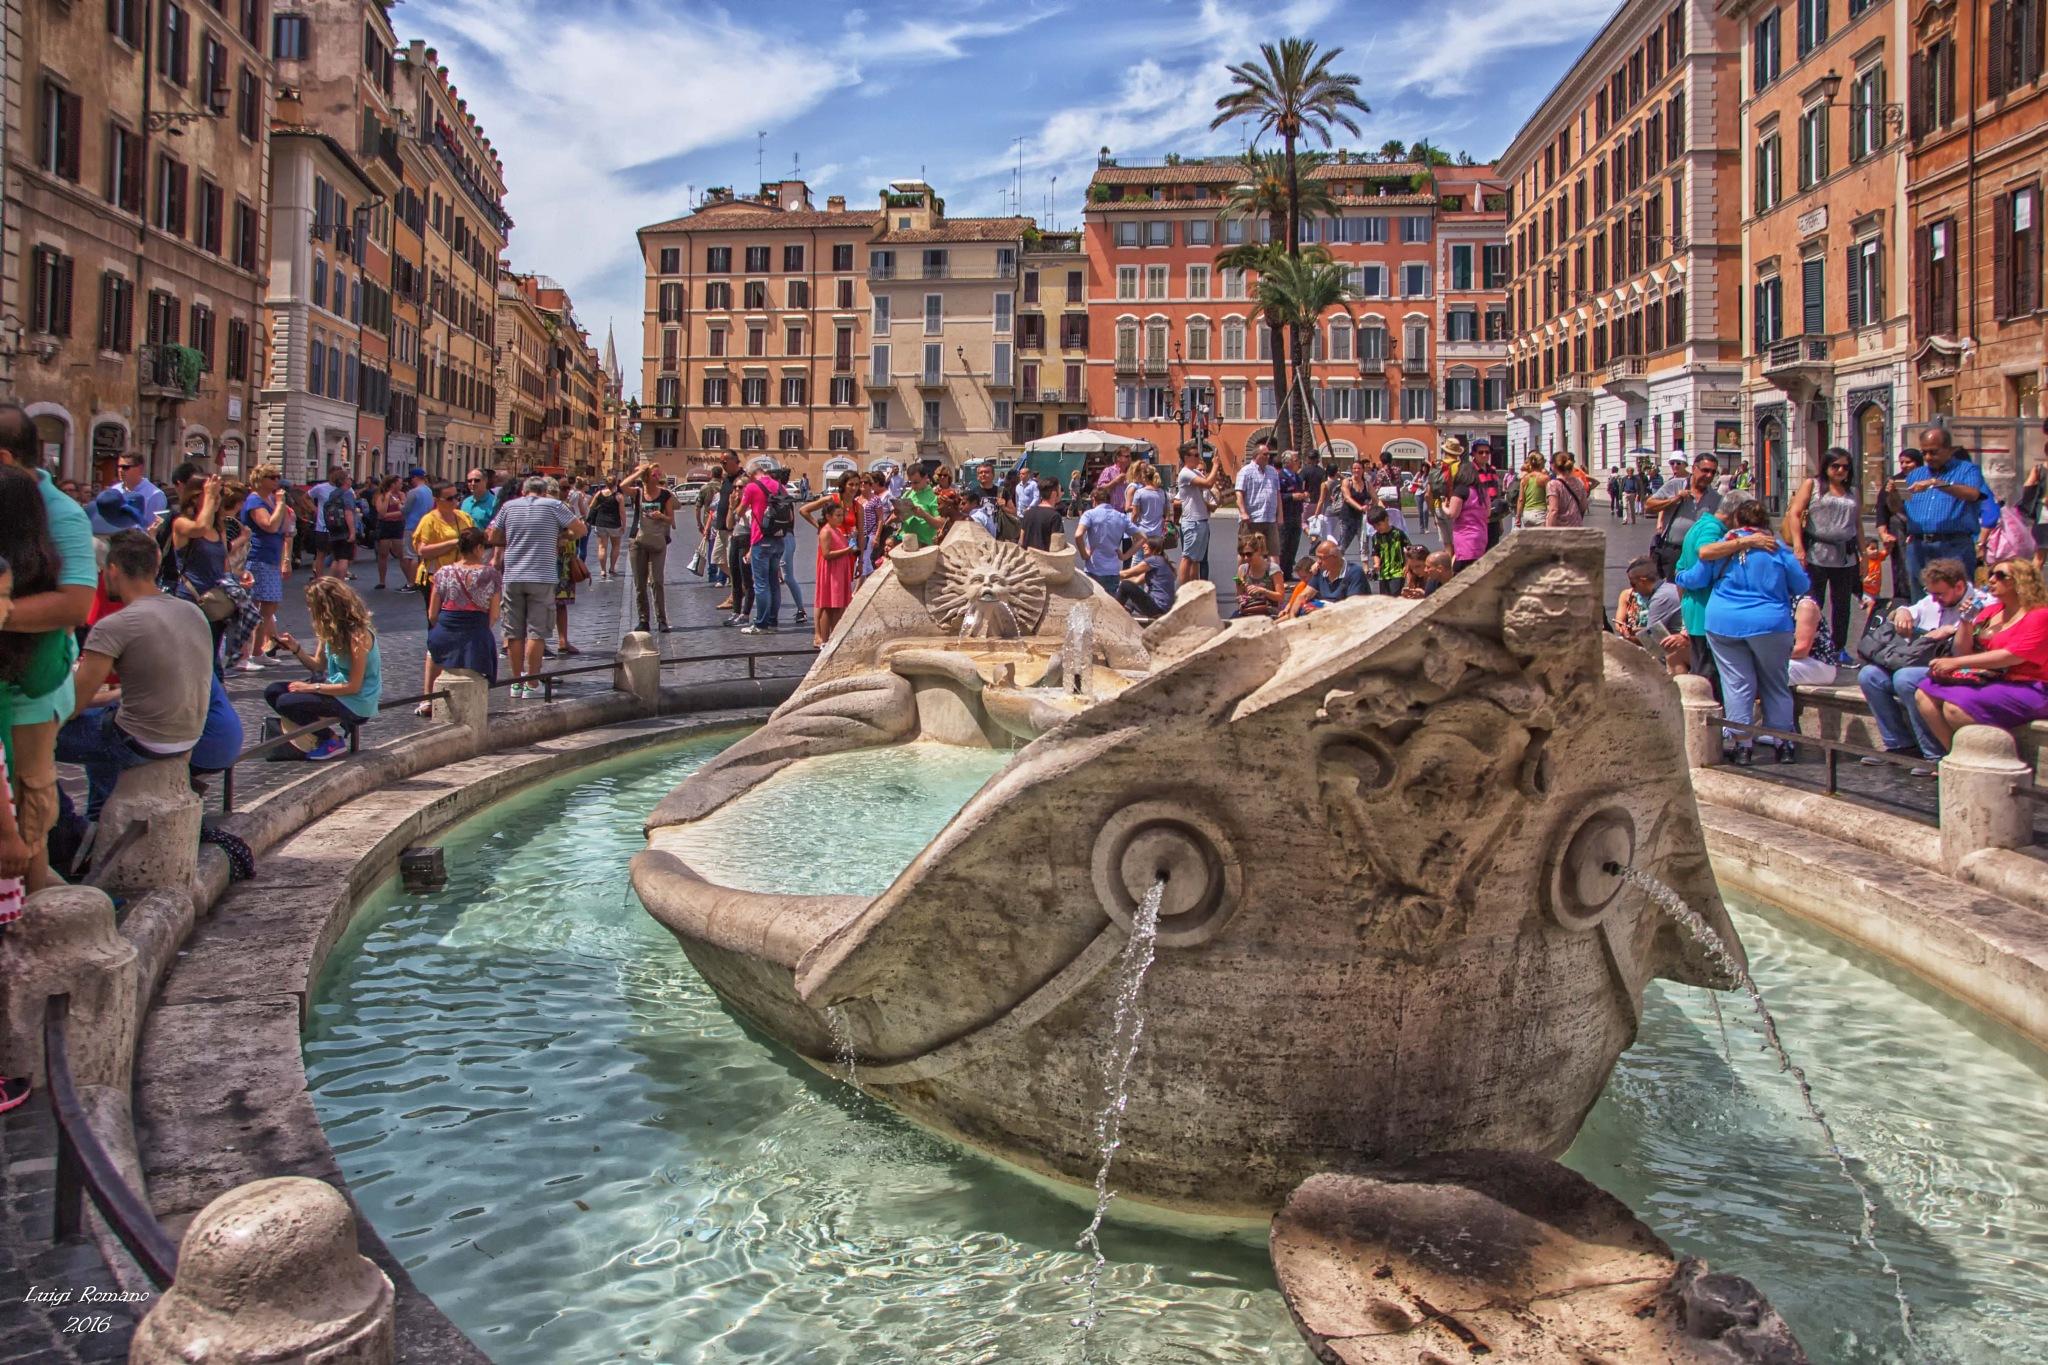 """Rome - The fountain in the Plaza of Spain called """"La Barcaccia"""" by Luigi Romano"""